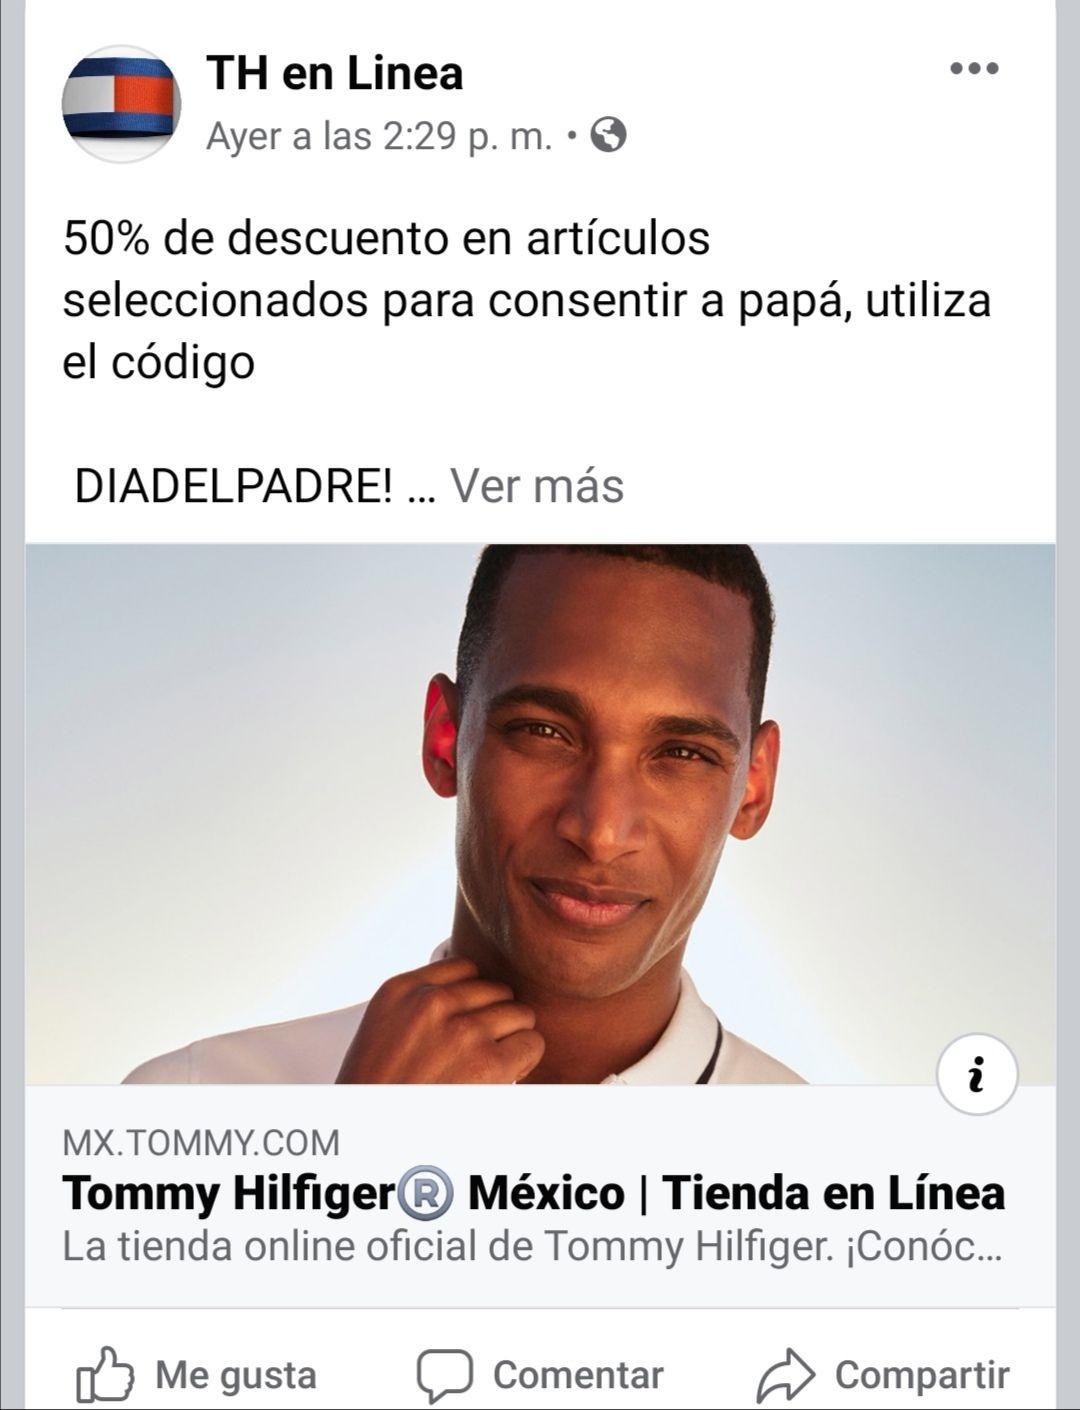 Tommy Hilfiger: 50% de descuento en artículos para papá